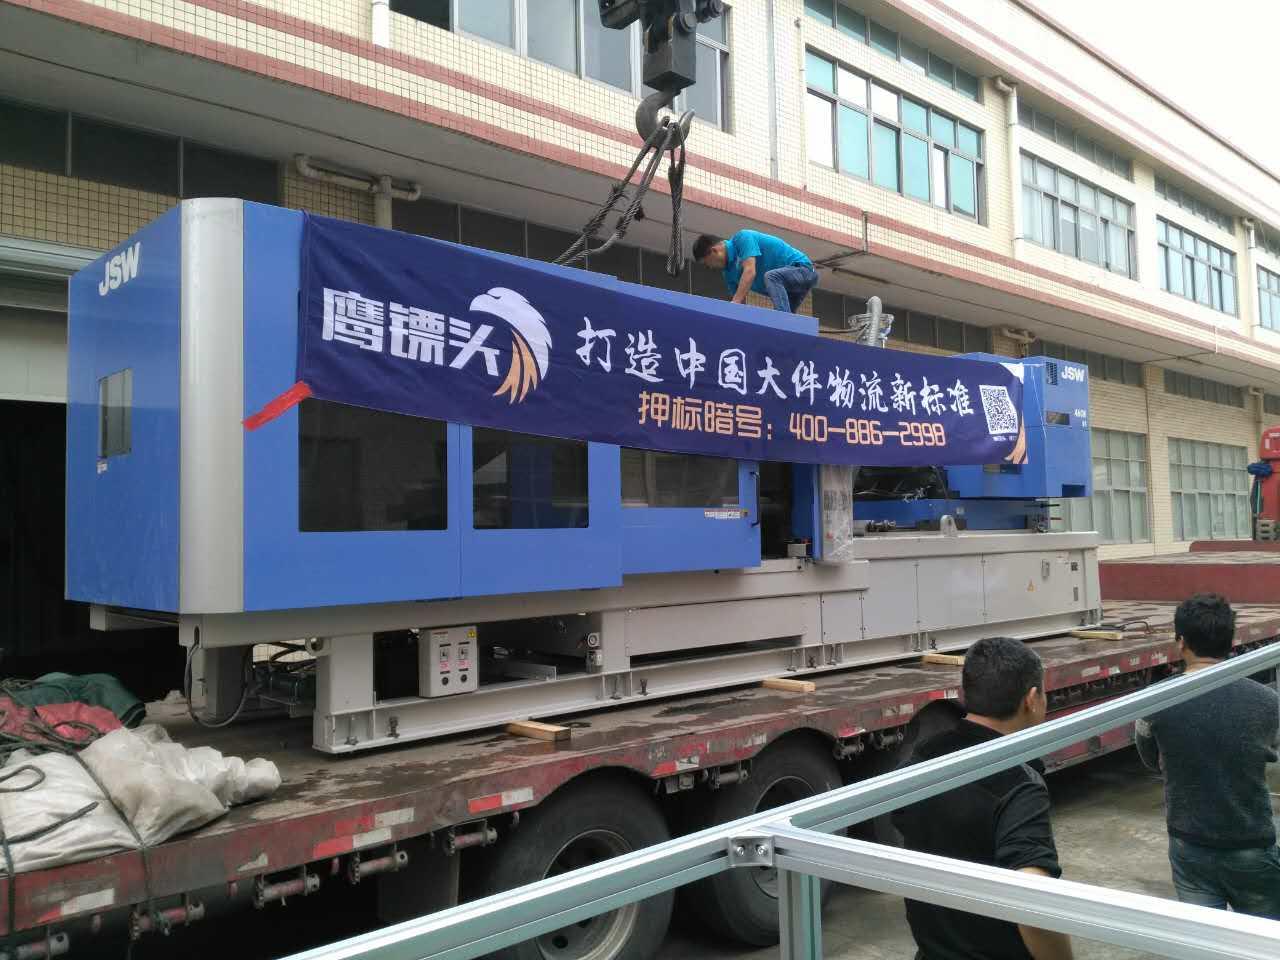 松山湖物流公司|精密仪器设备运输